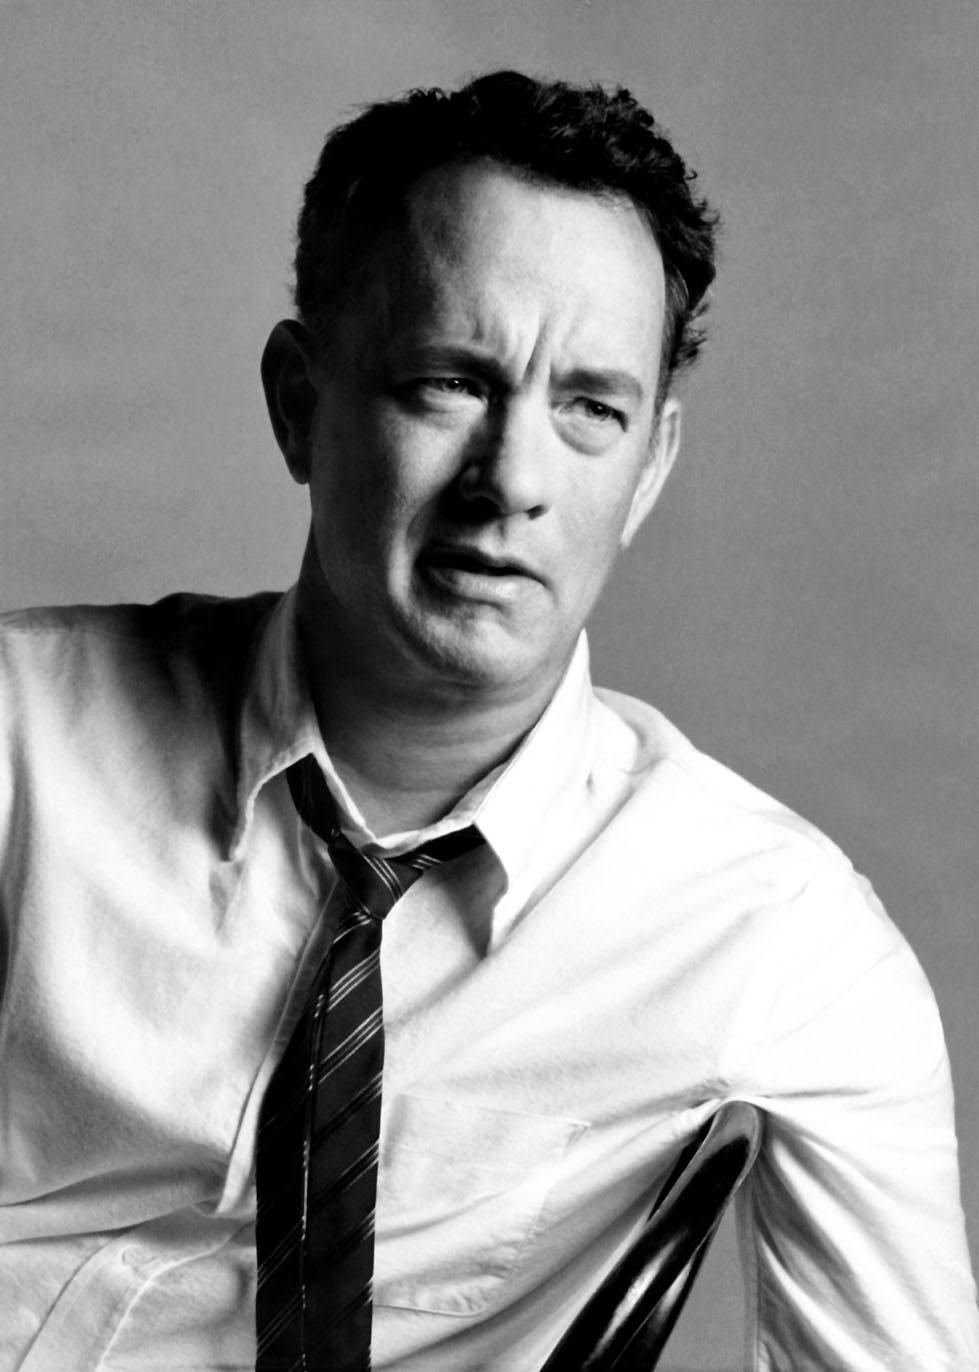 Tom Hanksjpg